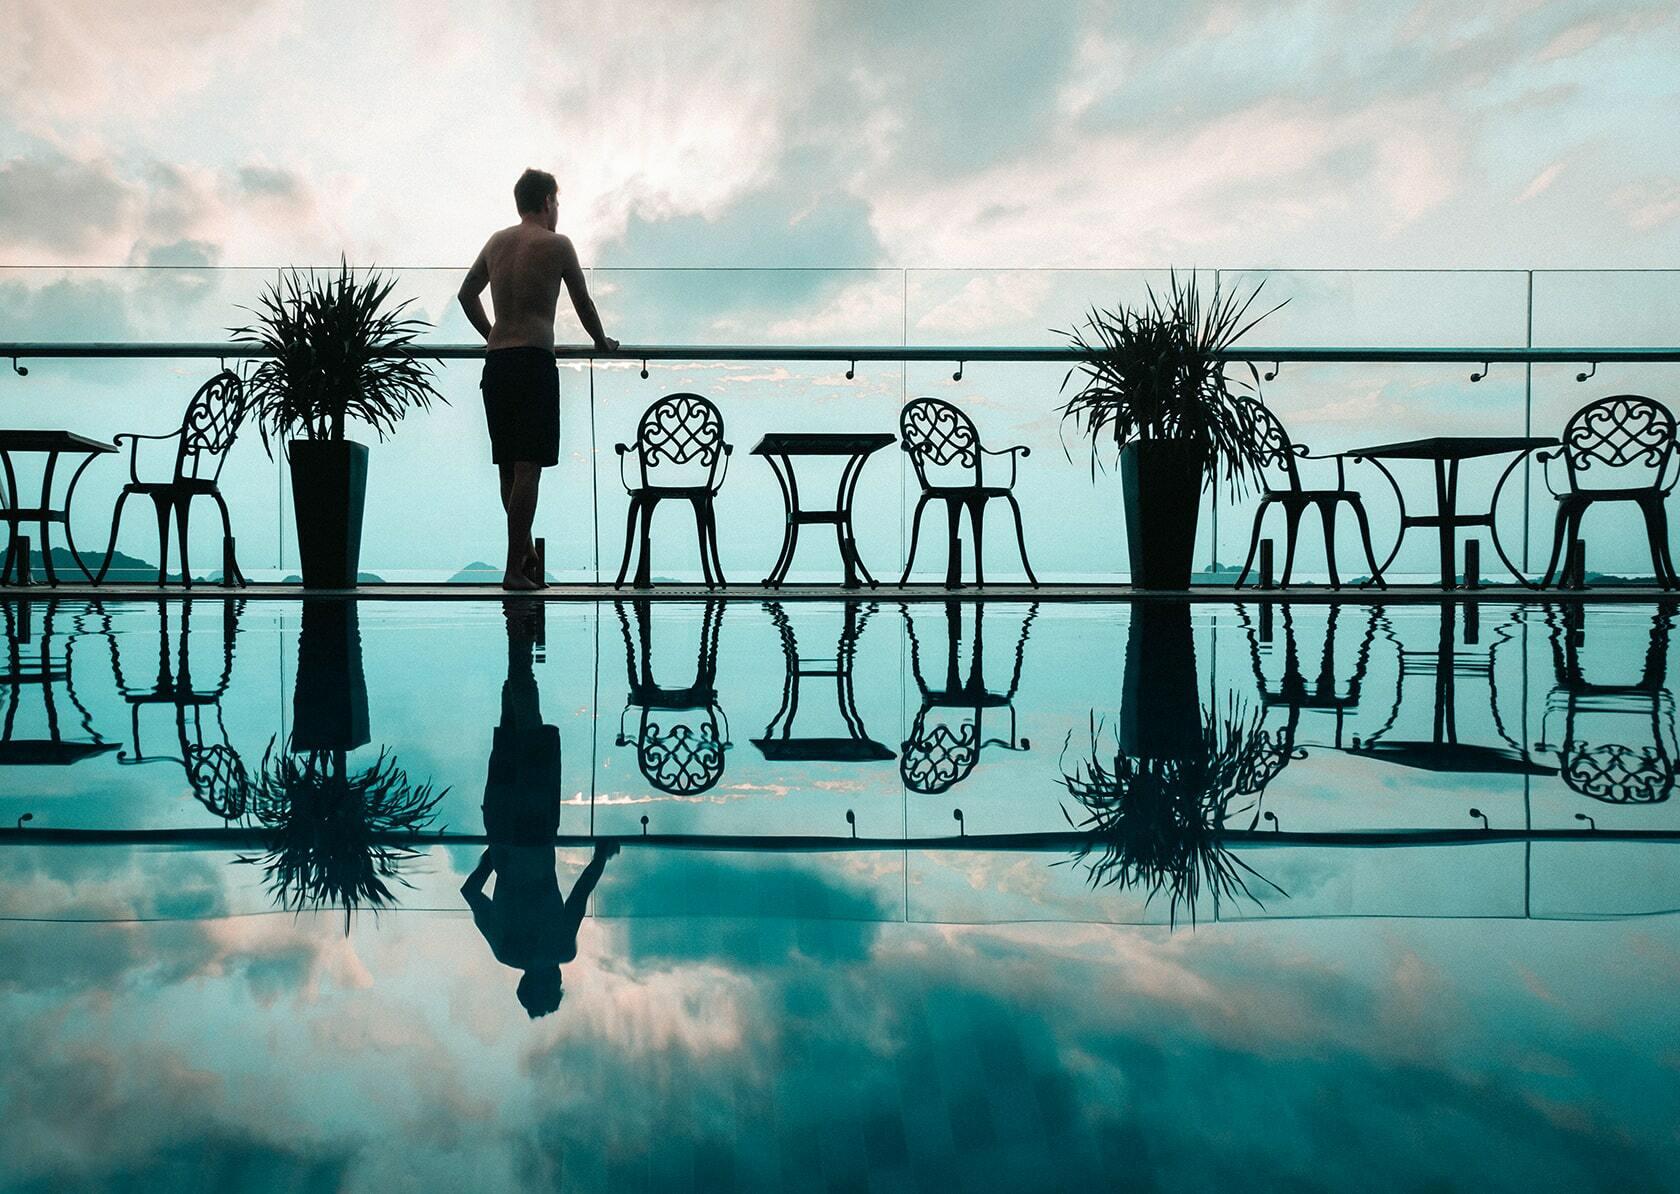 Foto van persoon bij een zwembad uitkijkend naar de zee uit fotografie collectie mensen van Simon Wijers